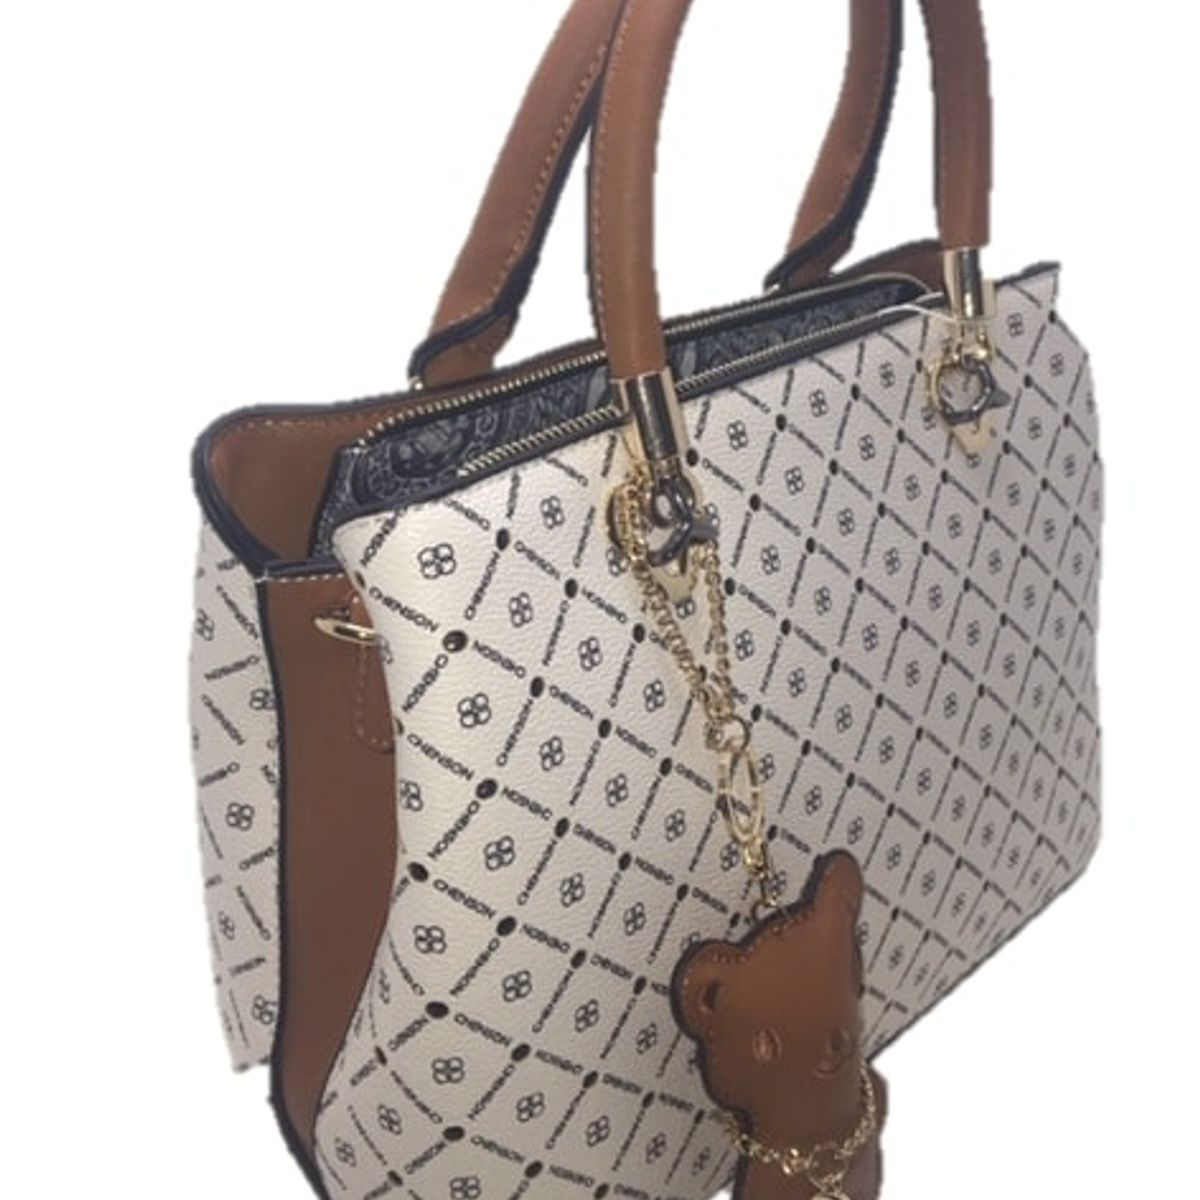 Bolsa Chenson Monograma Star Branco Bolsa De Mao Feminina Chenson Nunca Usado 42799884 Enjoei